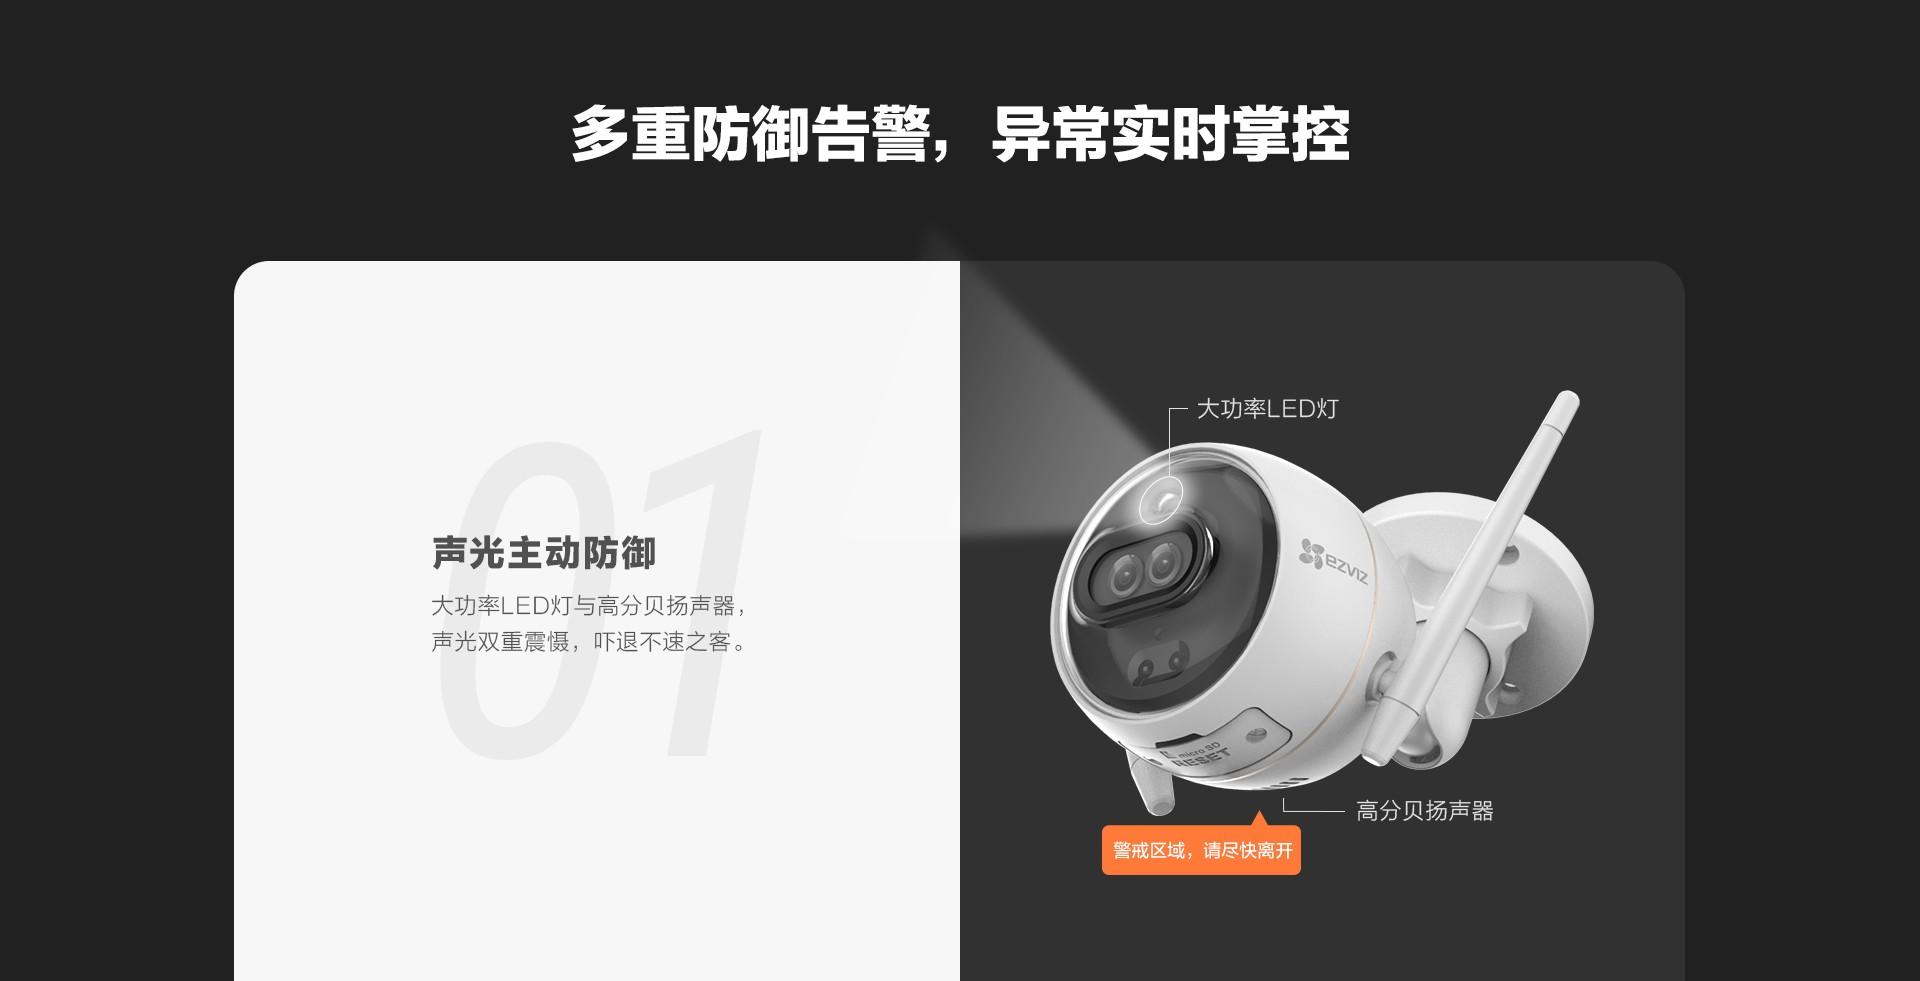 C3X-web_13.jpg